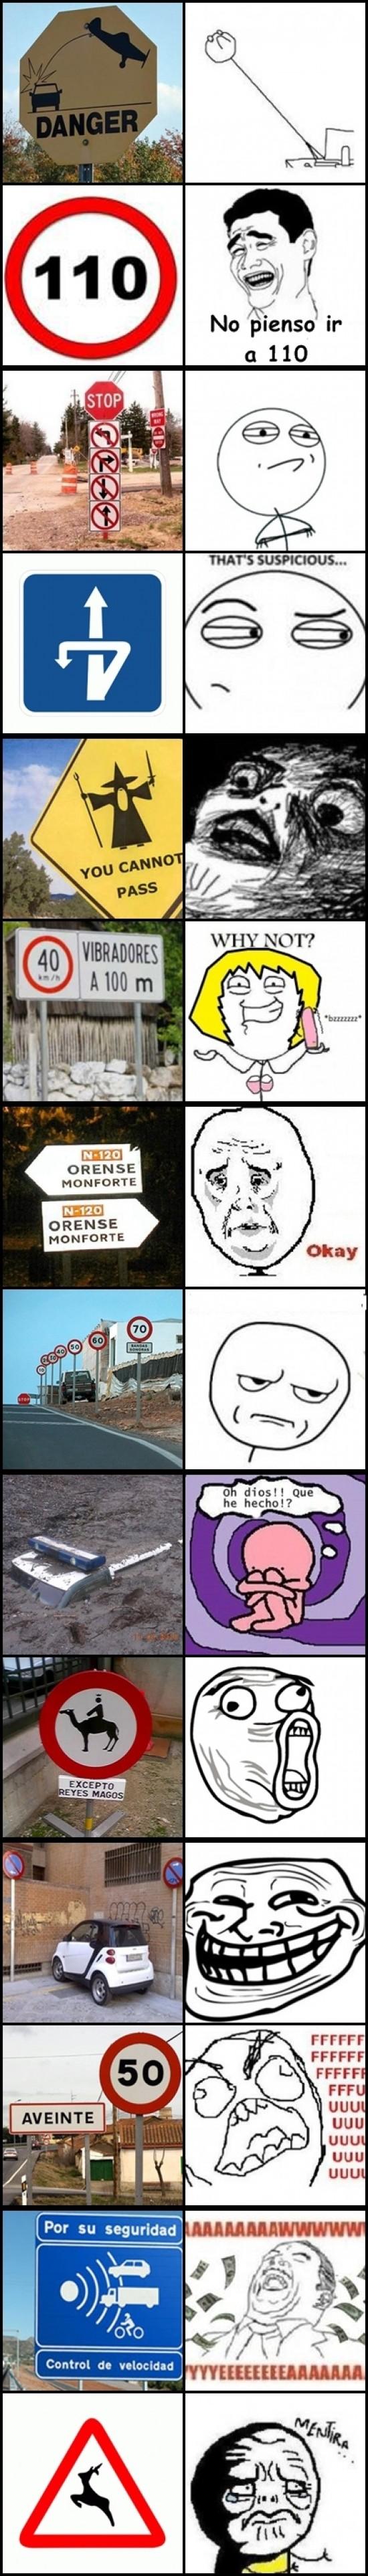 Mix - ¿Qué piensan de las señales de tráfico?